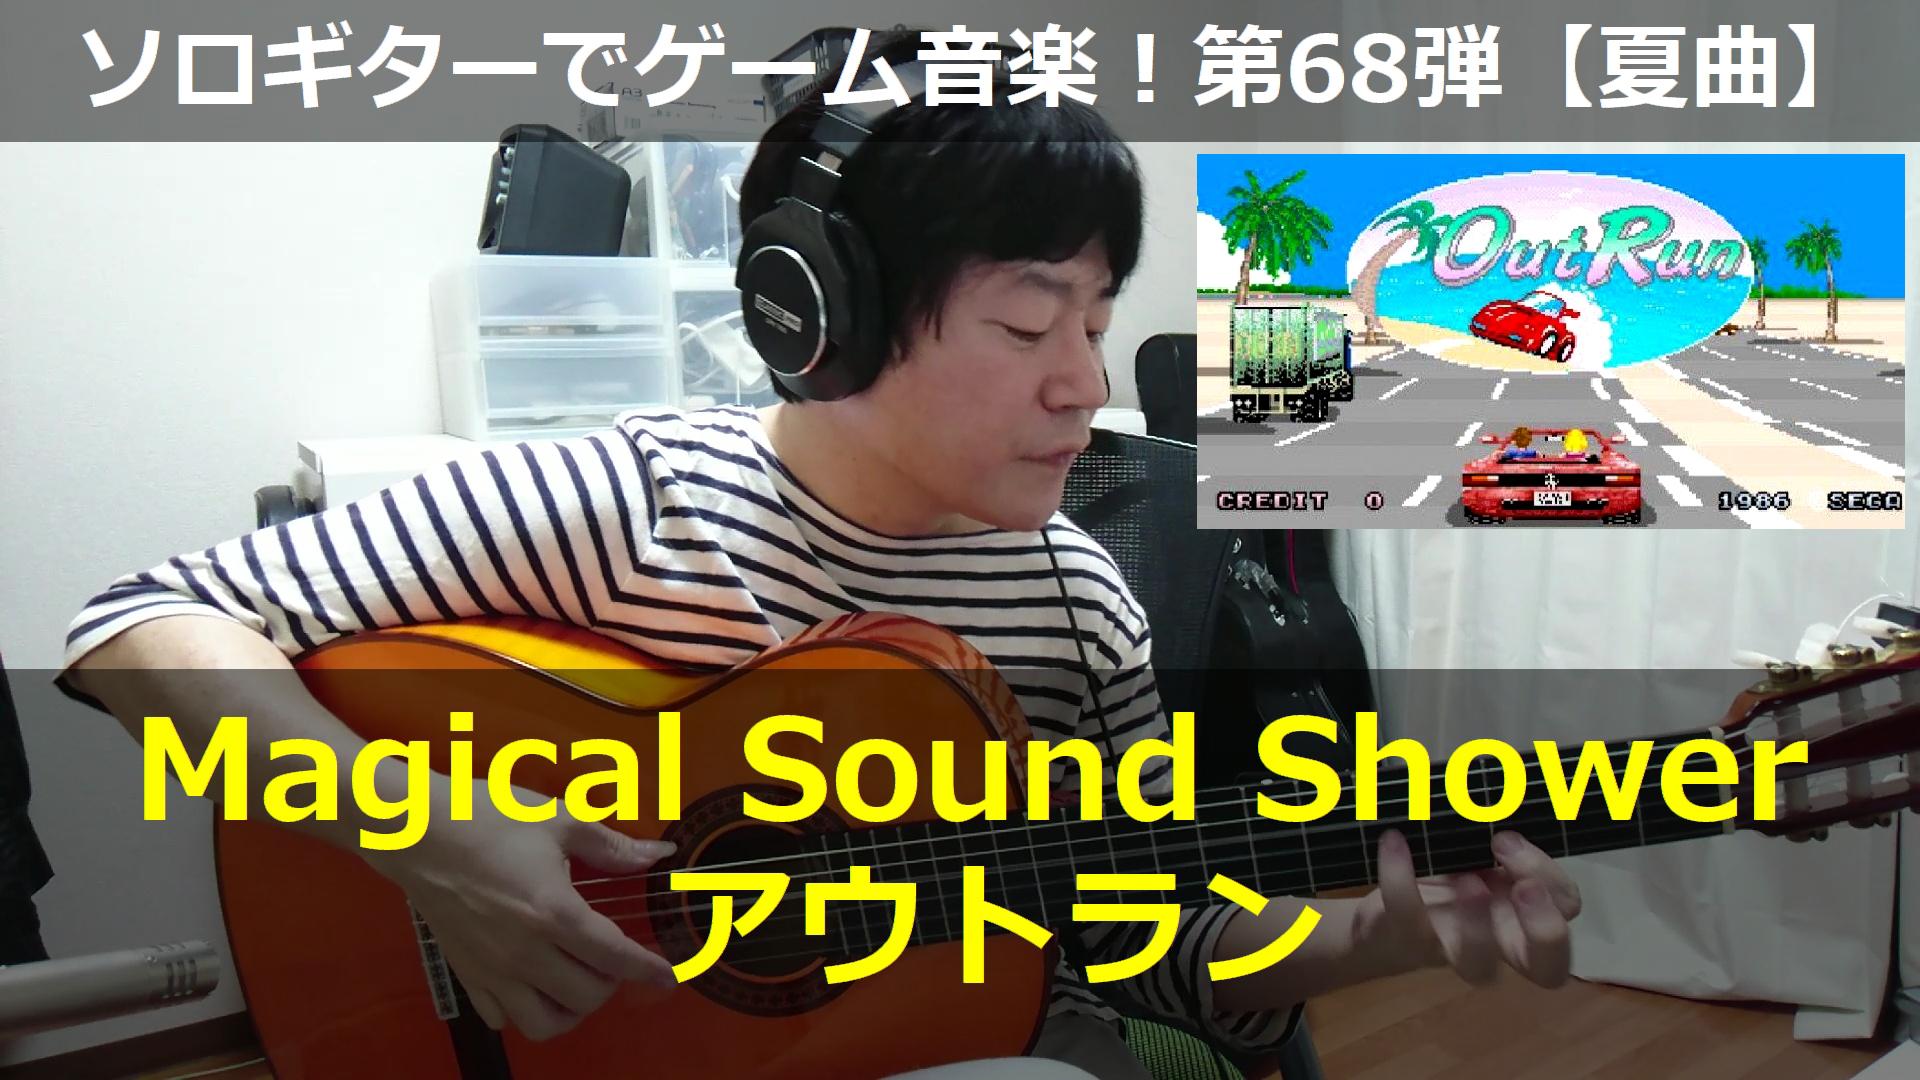 アウトラン Magical Sound Shower ギター演奏